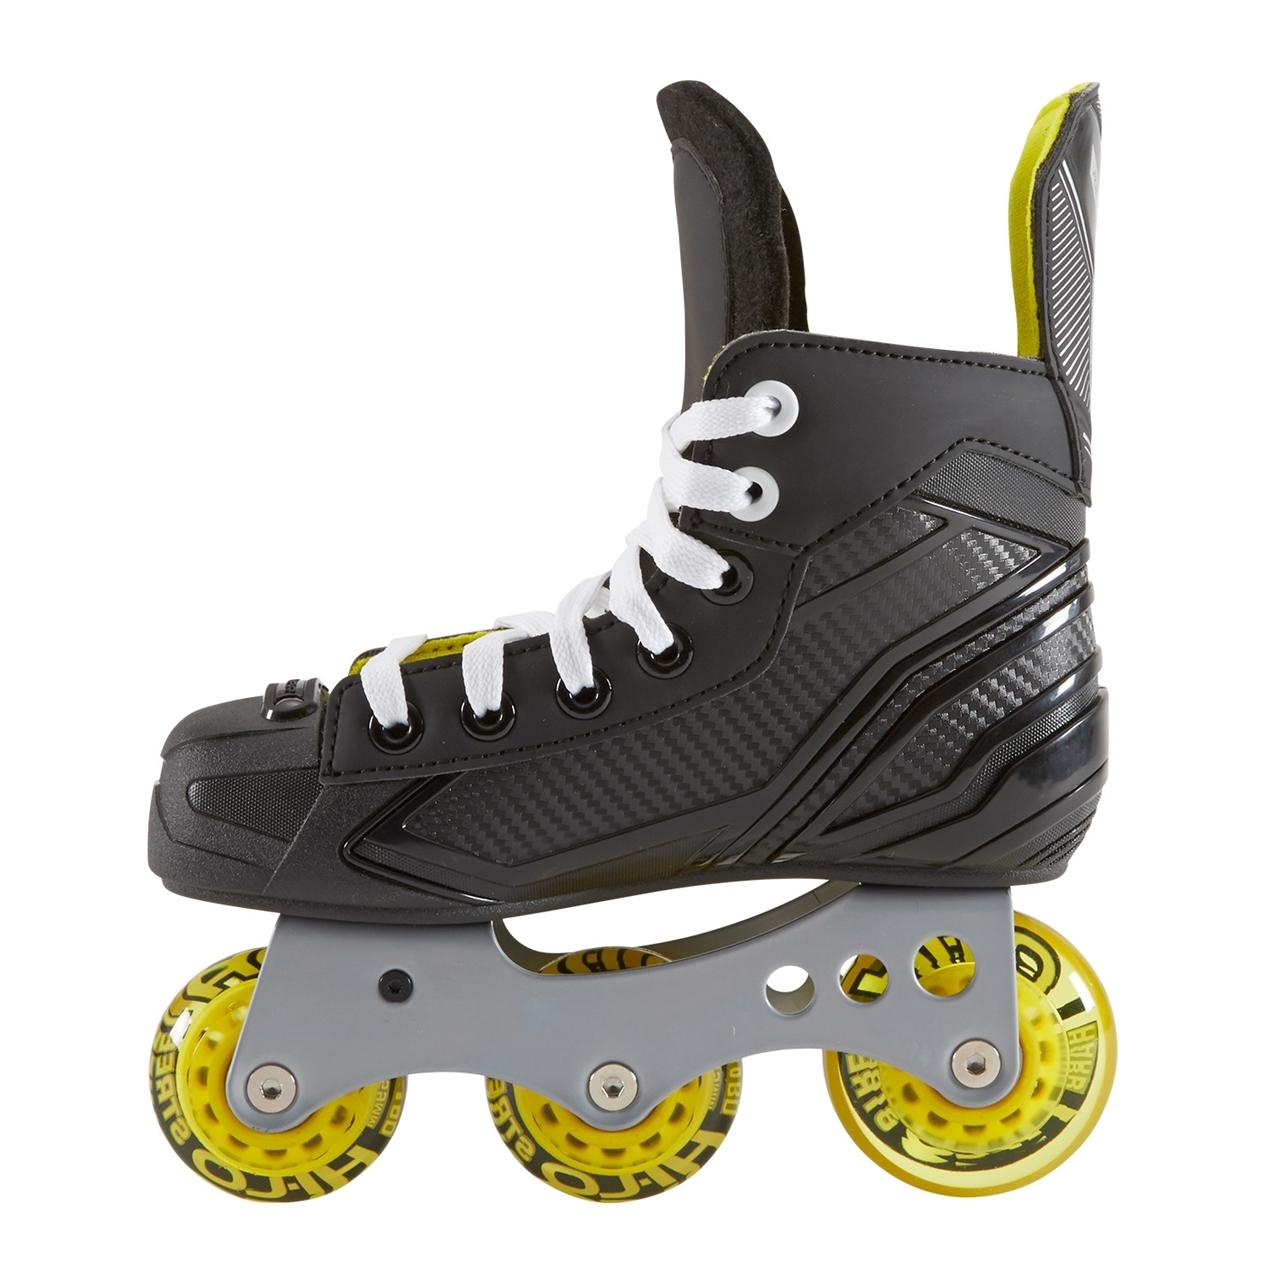 Изображение Коньки роликовые Bauer RS Roller Hockey Skates Yth (детский)